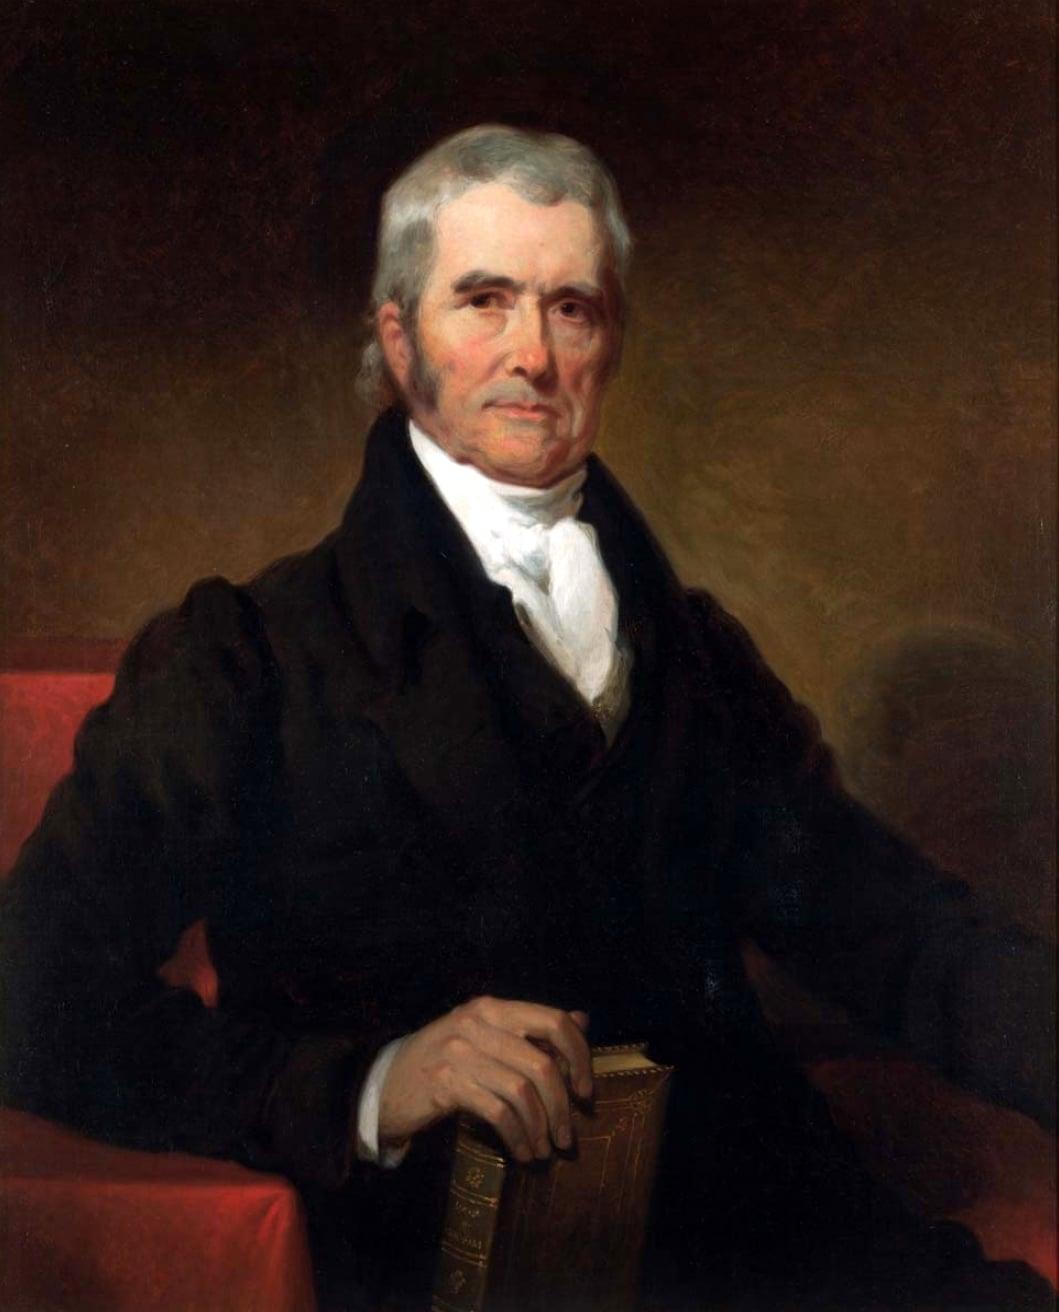 John Marshall fue el arquitecto constitucional del Tribunal Supremo estadounidense; la pintura fue realizada por Henry Inman en 1832.